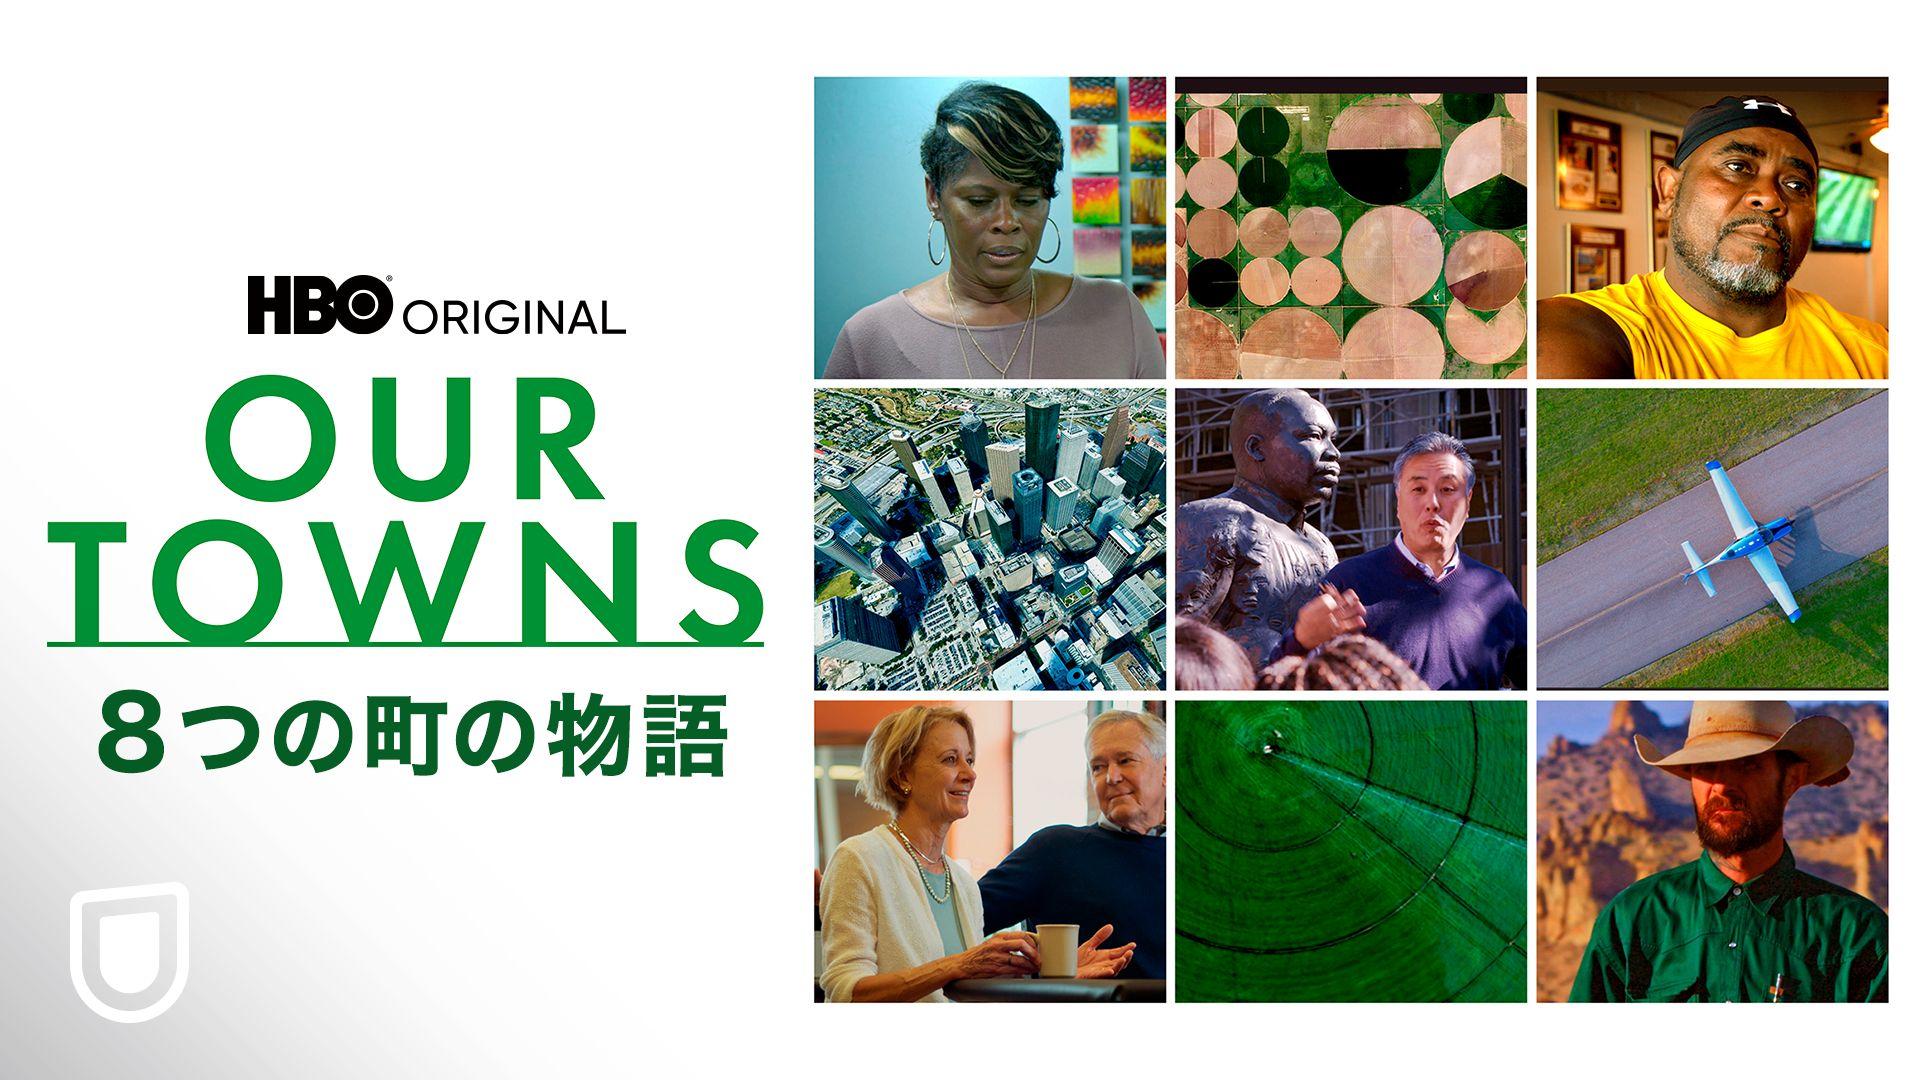 8つの町の物語 / OUR TOWNS